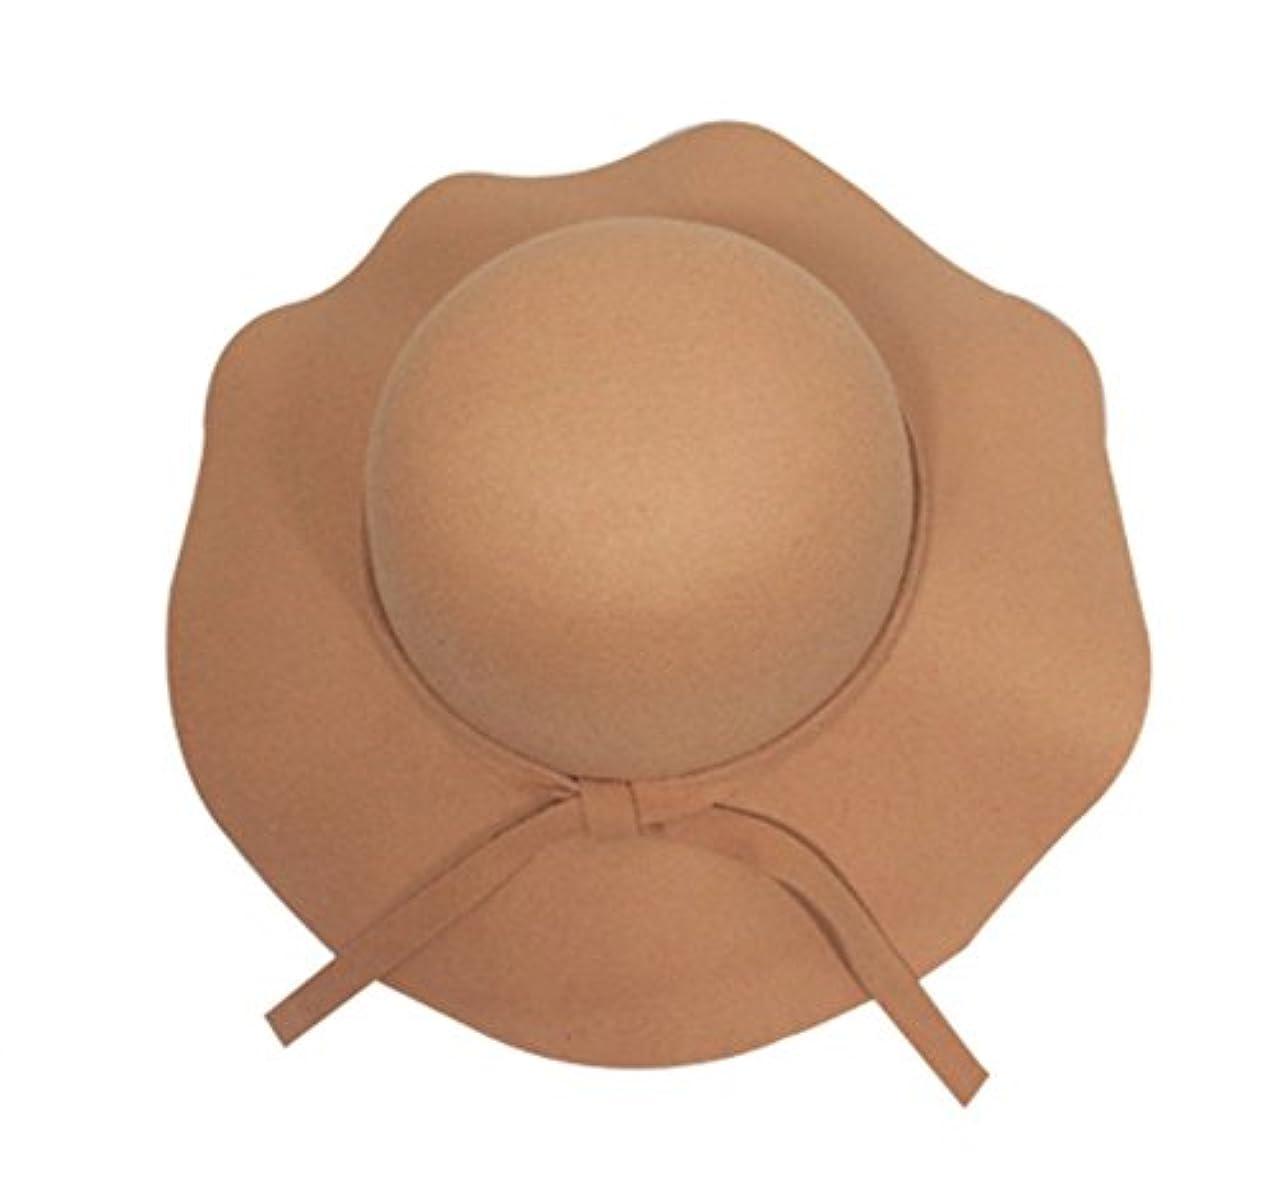 女性のファッションヴィンテージFloppy Wide Brimウールフェルト秋冬帽子ジョーカーキャップ